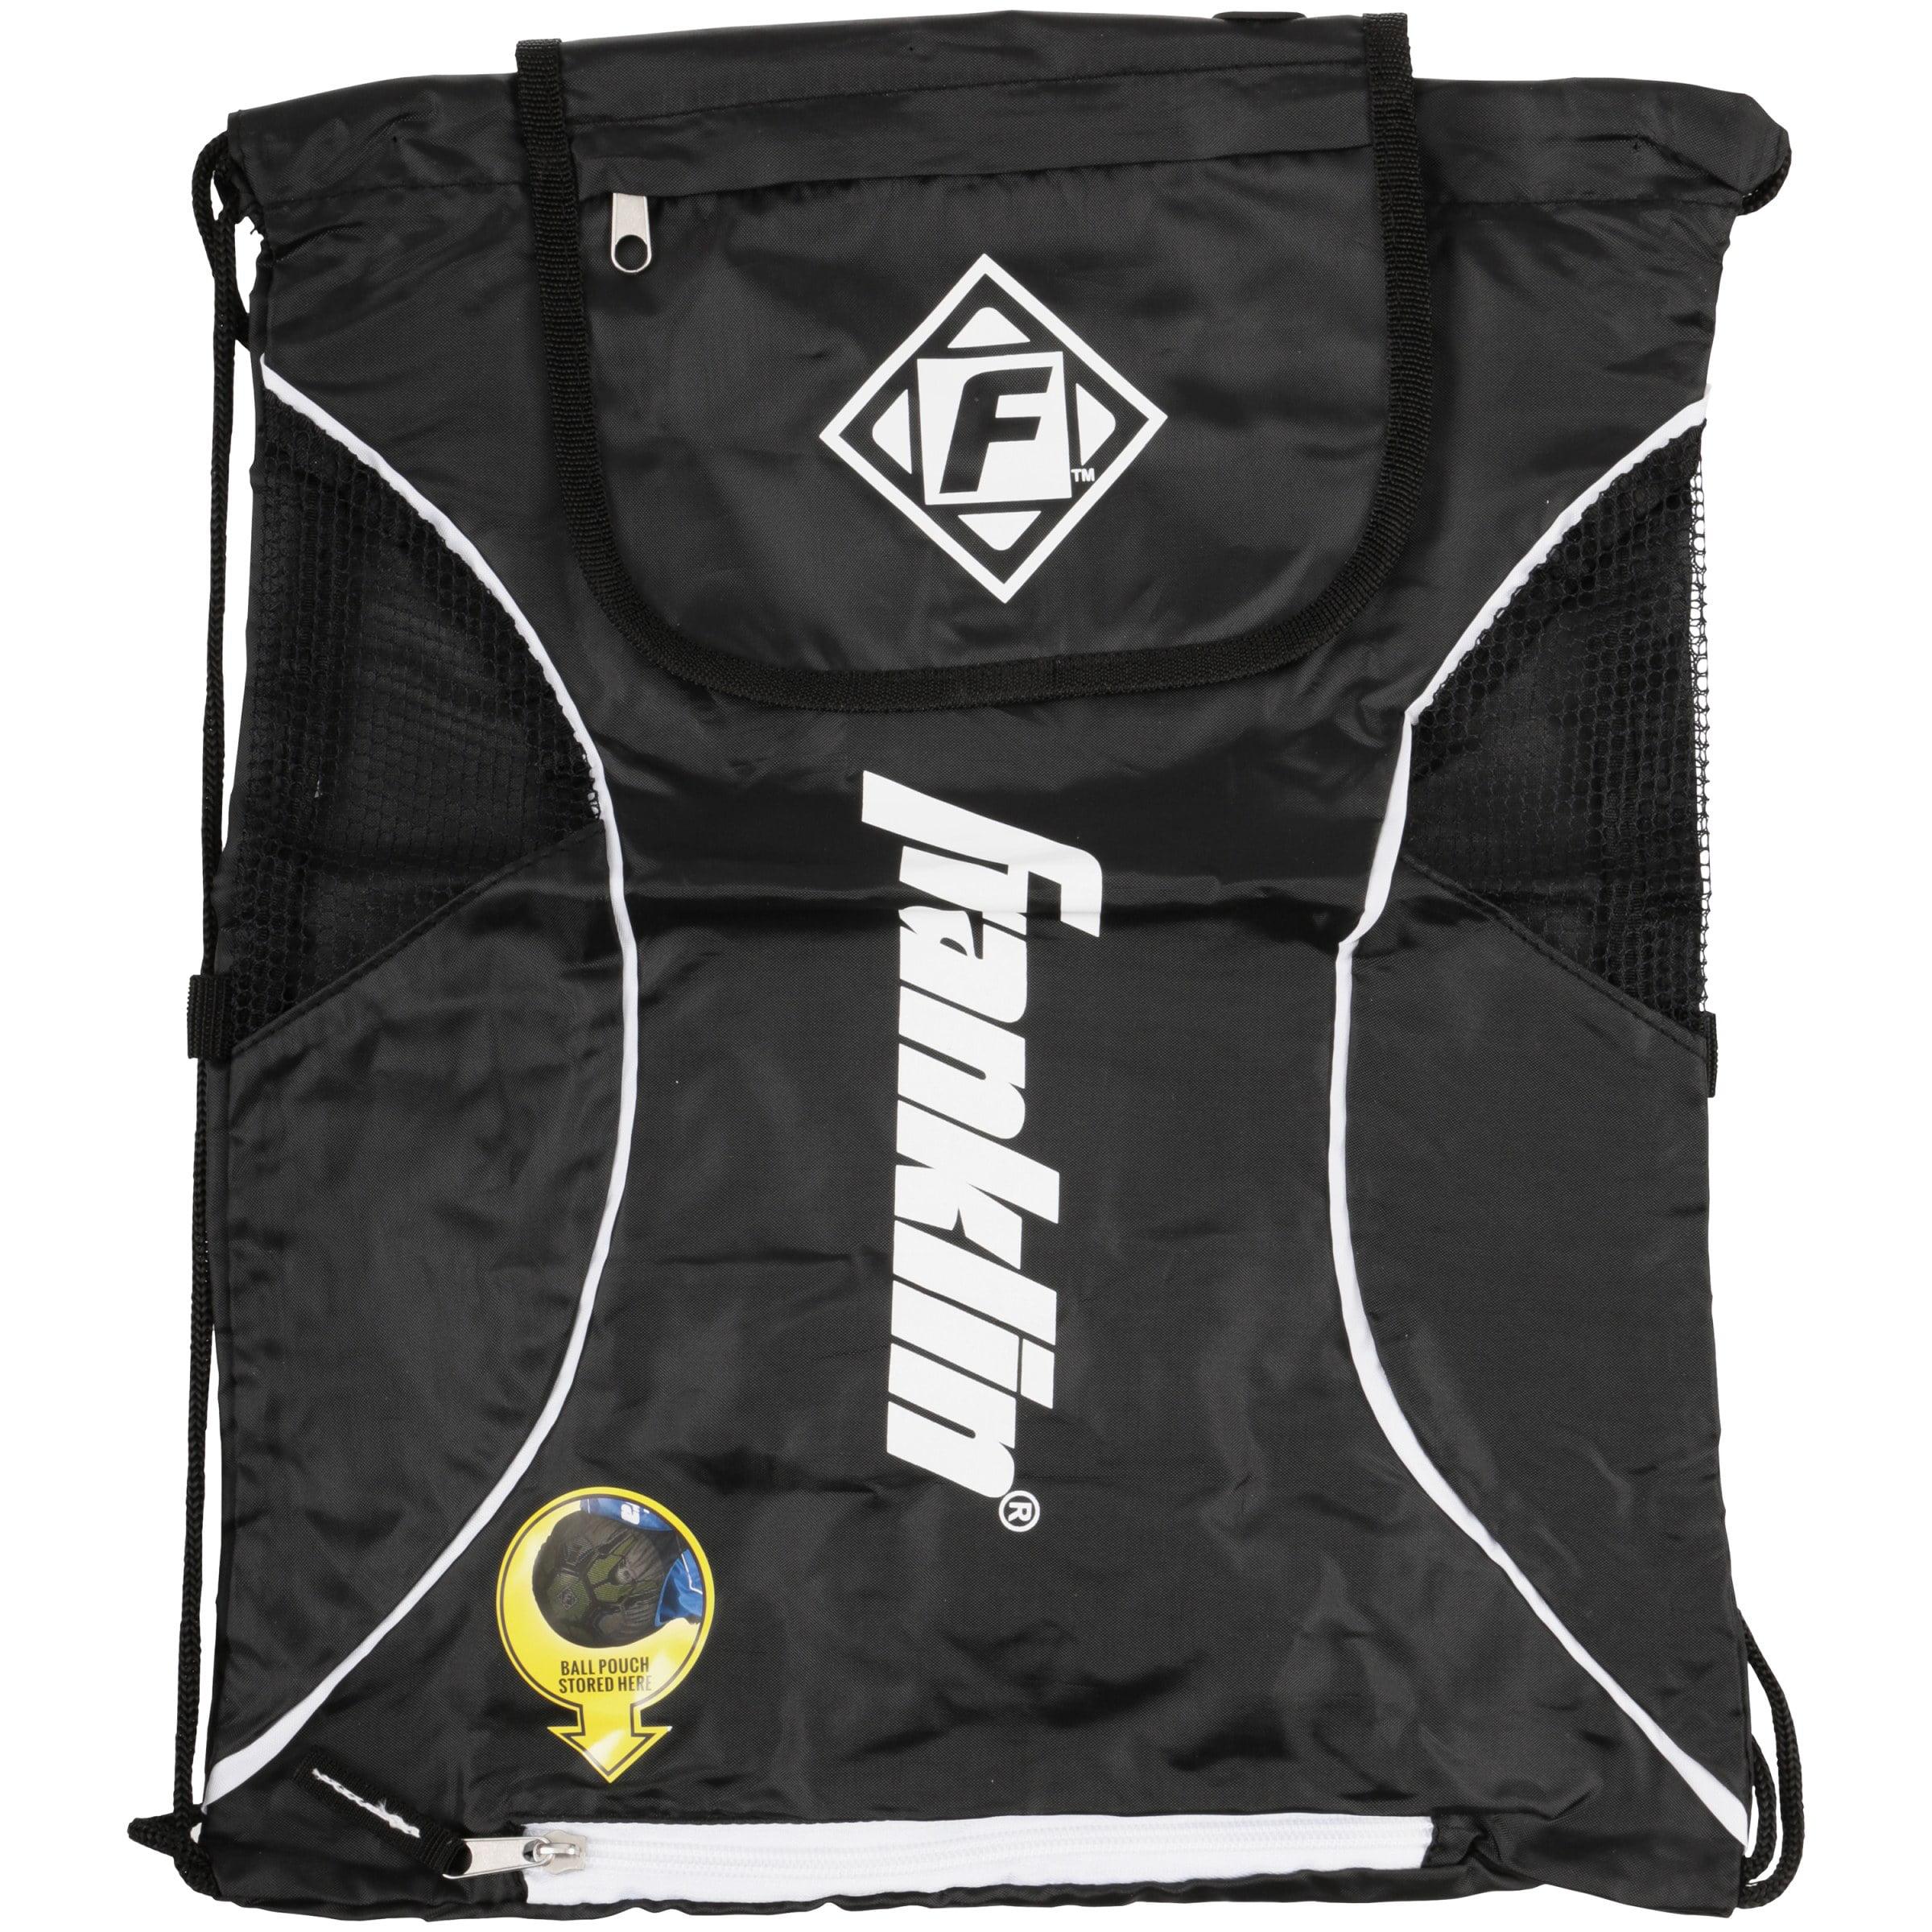 a4c1e8de3 Franklin Soccer Bag - Walmart.com